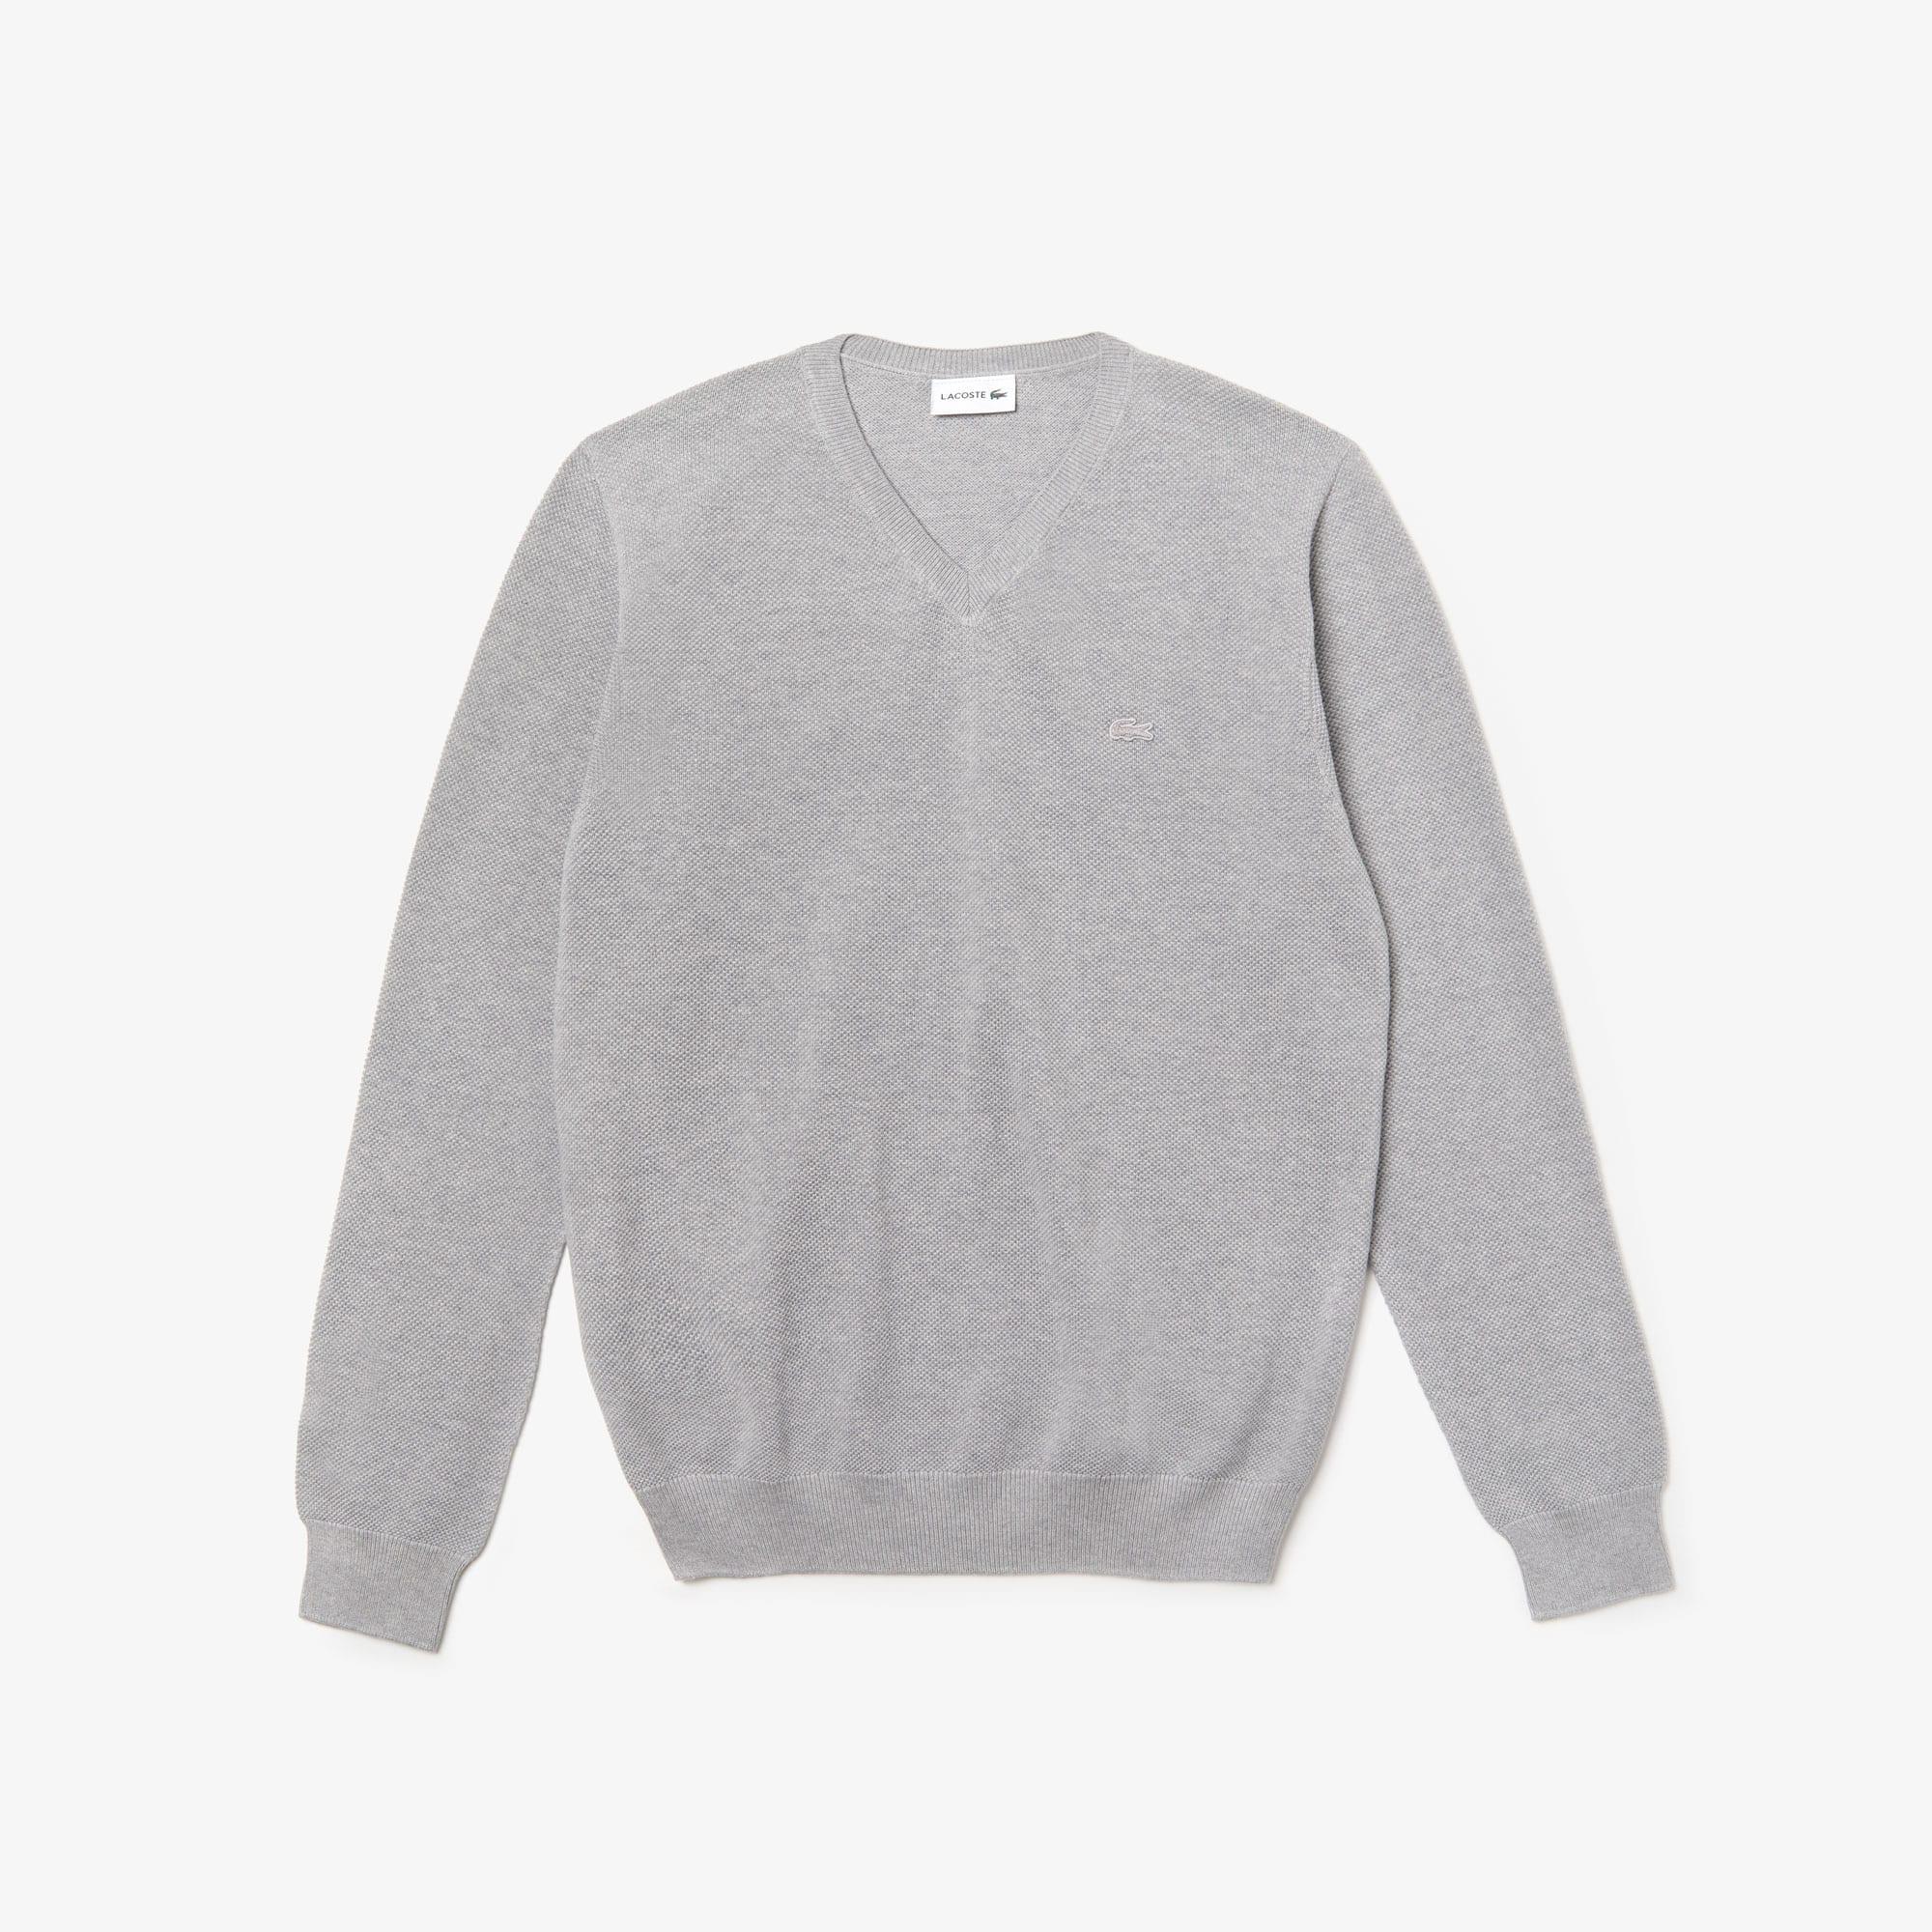 Jersey de cuello a pico de piqué de algodón